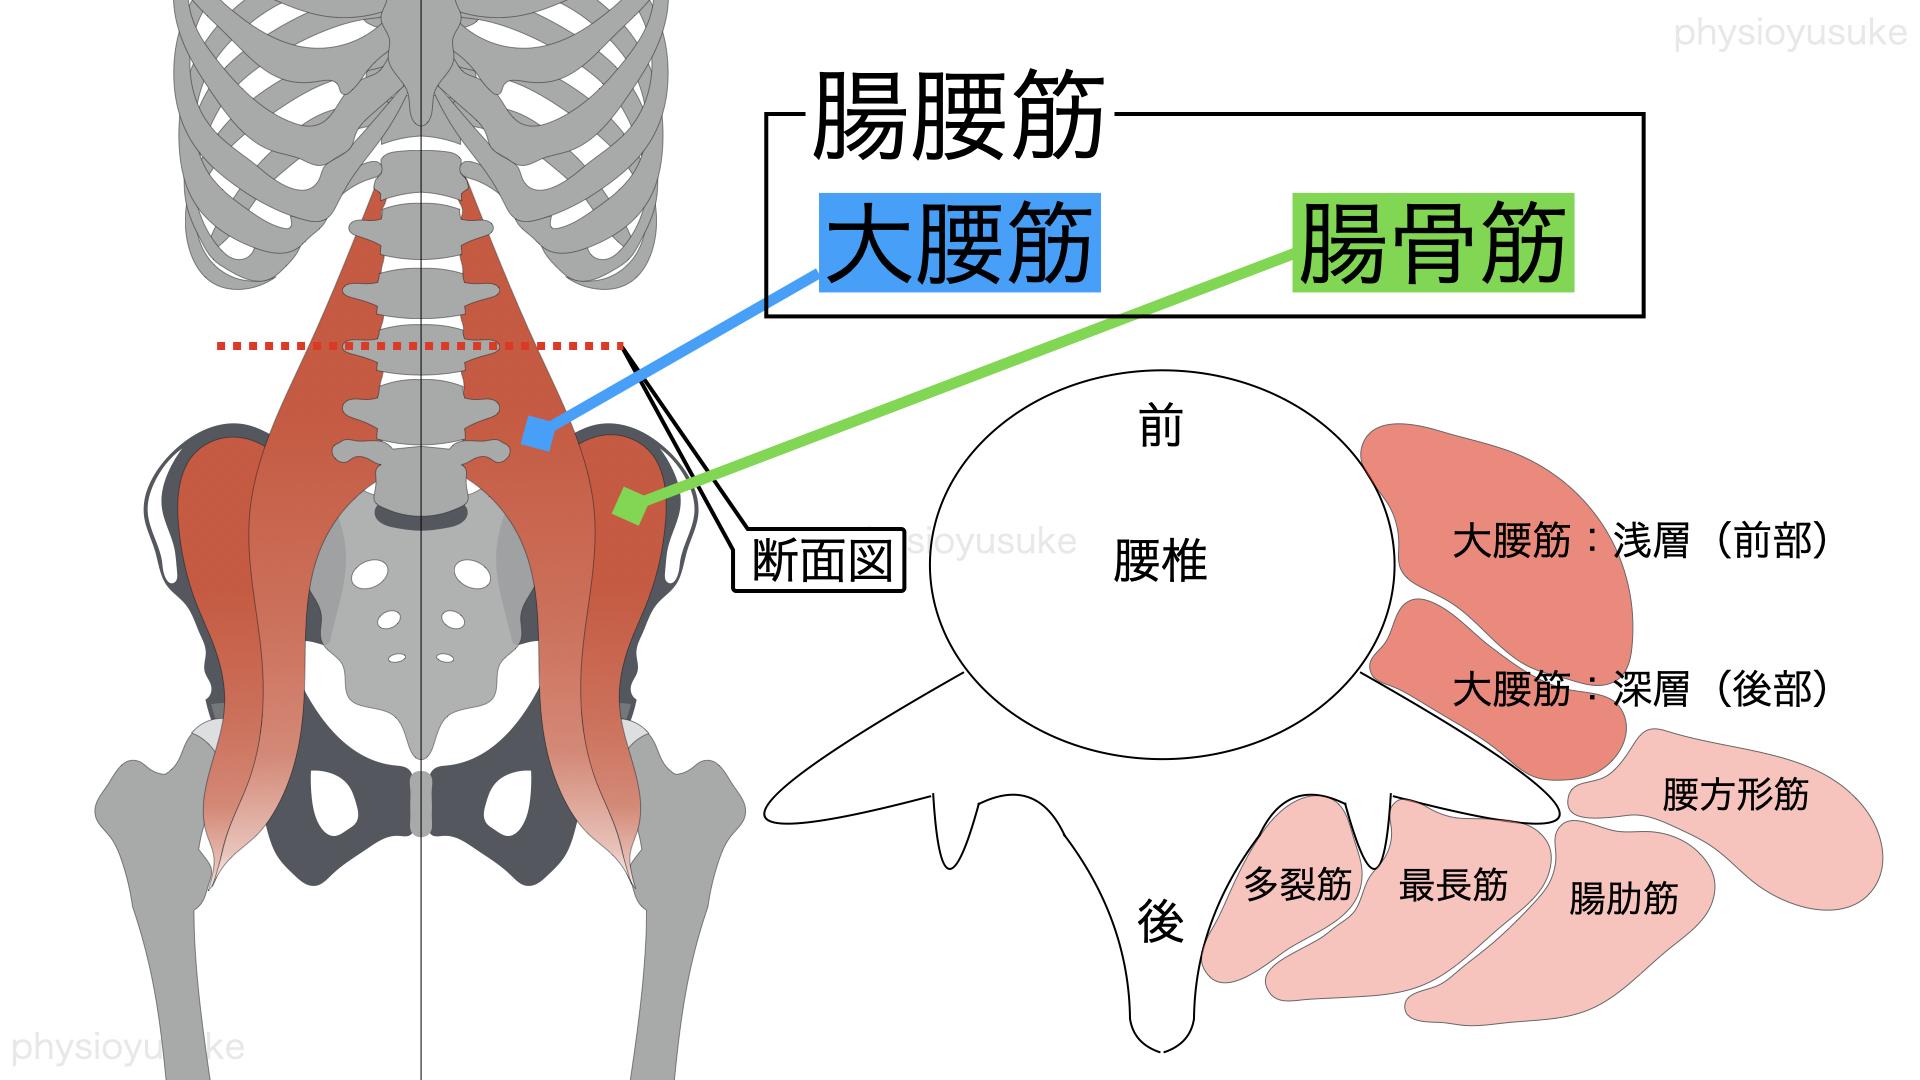 腸腰筋、腸骨筋、大腰筋、解剖学